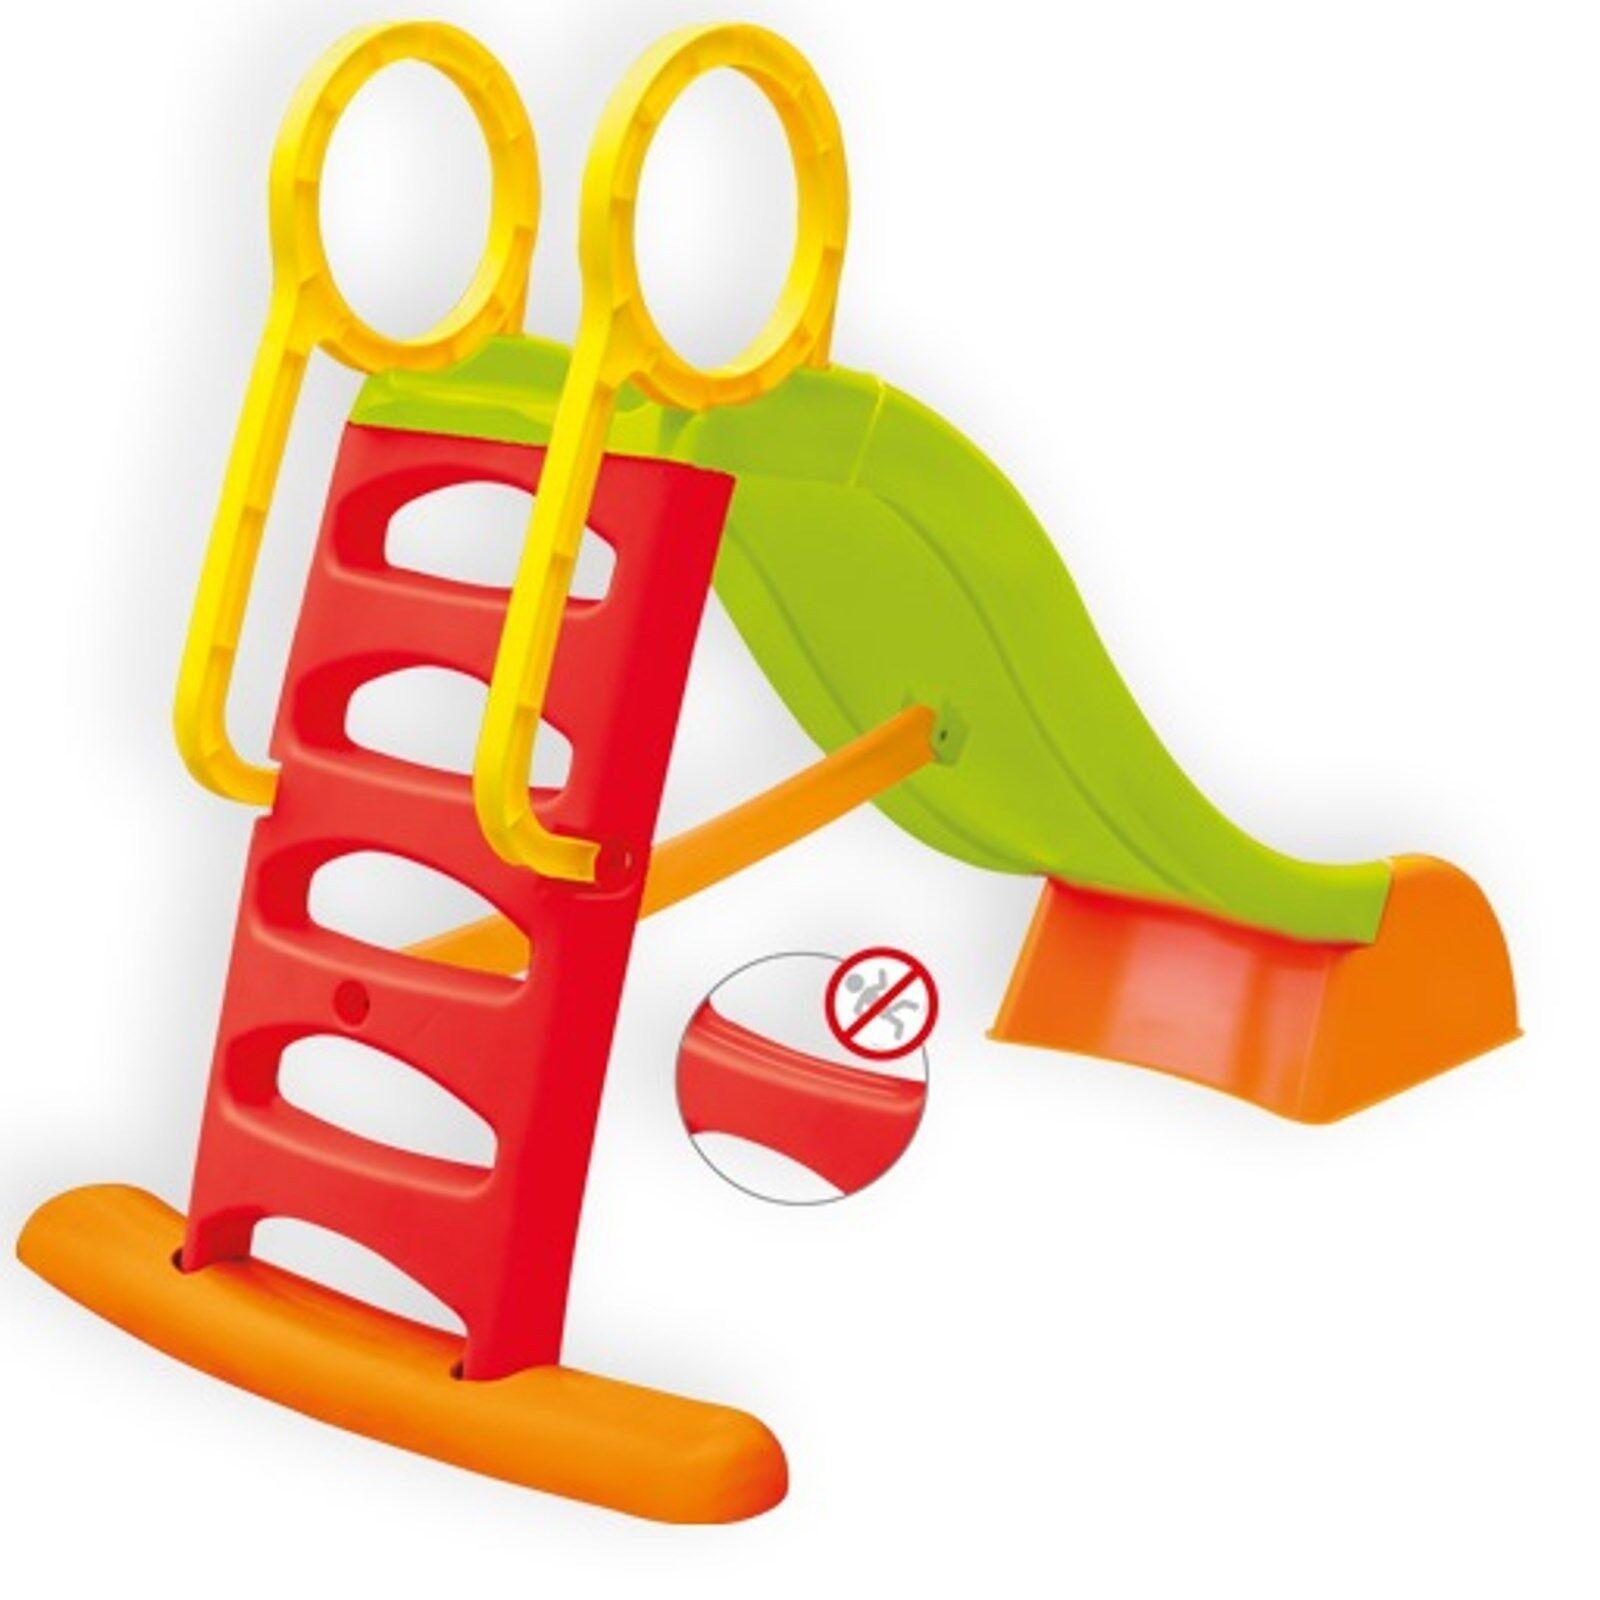 kinderrutsche gartenrutsche kinder rutsche kleinkindrutsche rutschbahn spielzeug eur 47 99. Black Bedroom Furniture Sets. Home Design Ideas